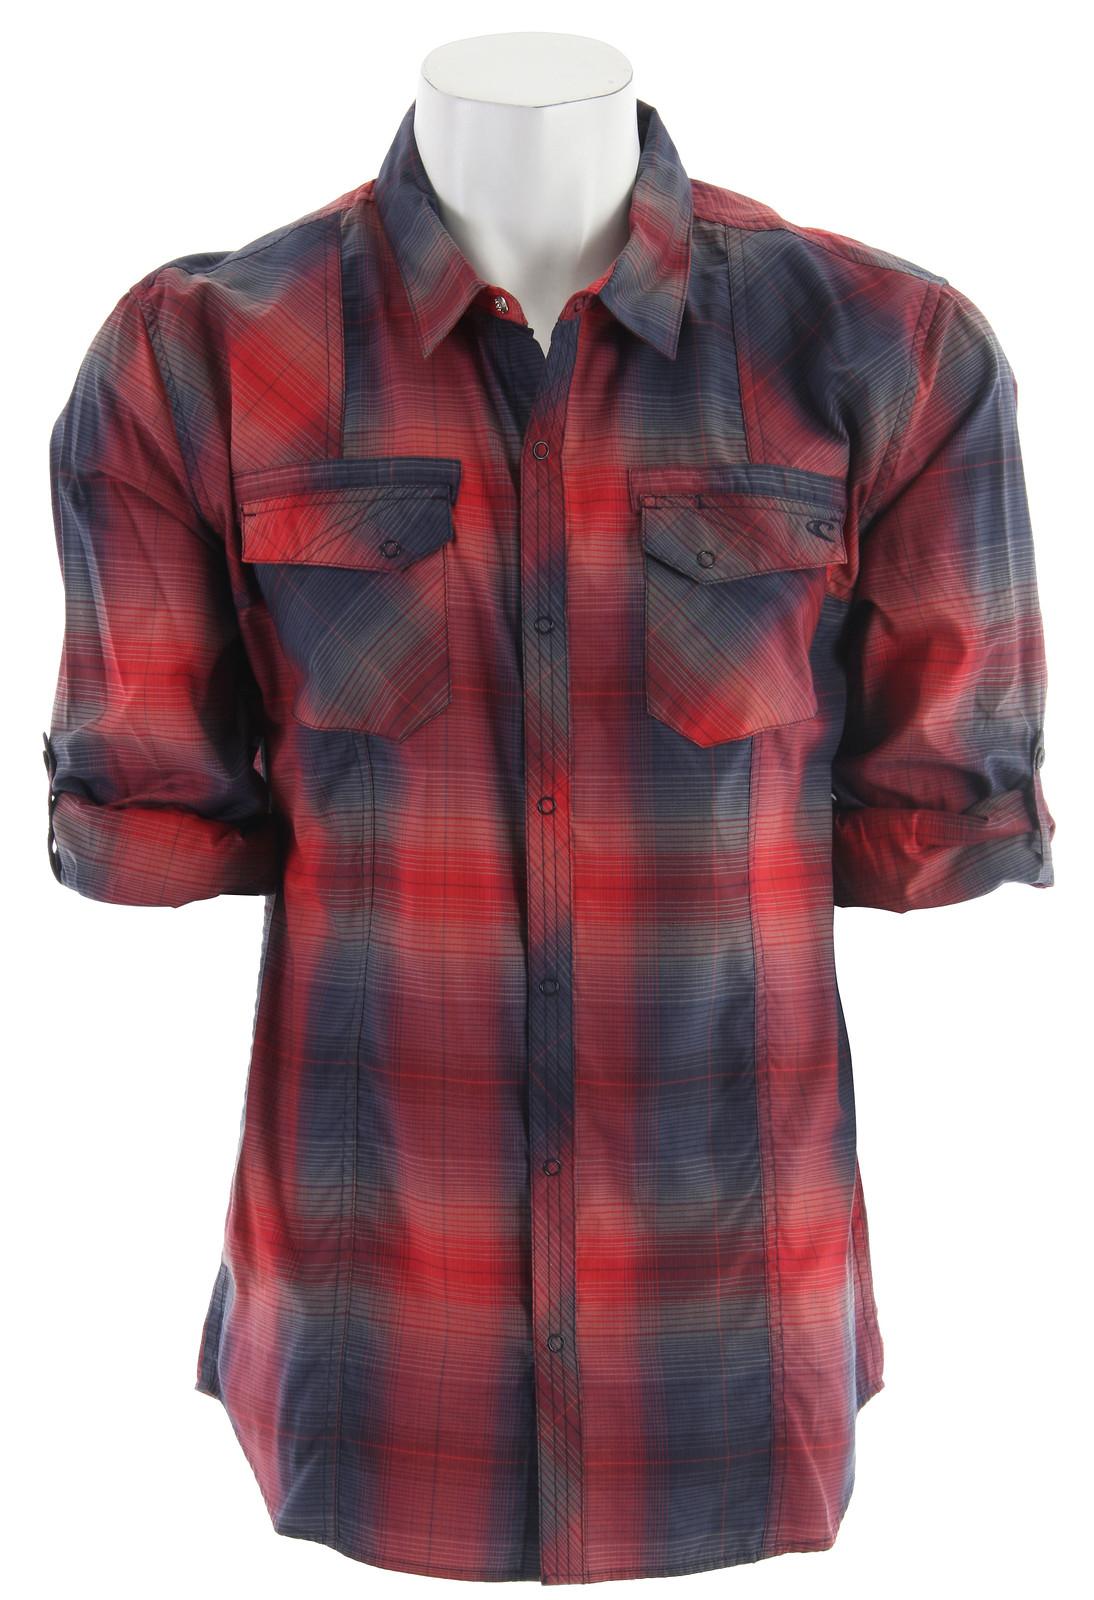 O'Neill Kern Shirt Blue  oneill-kern-buttonup-blu-11.jpg